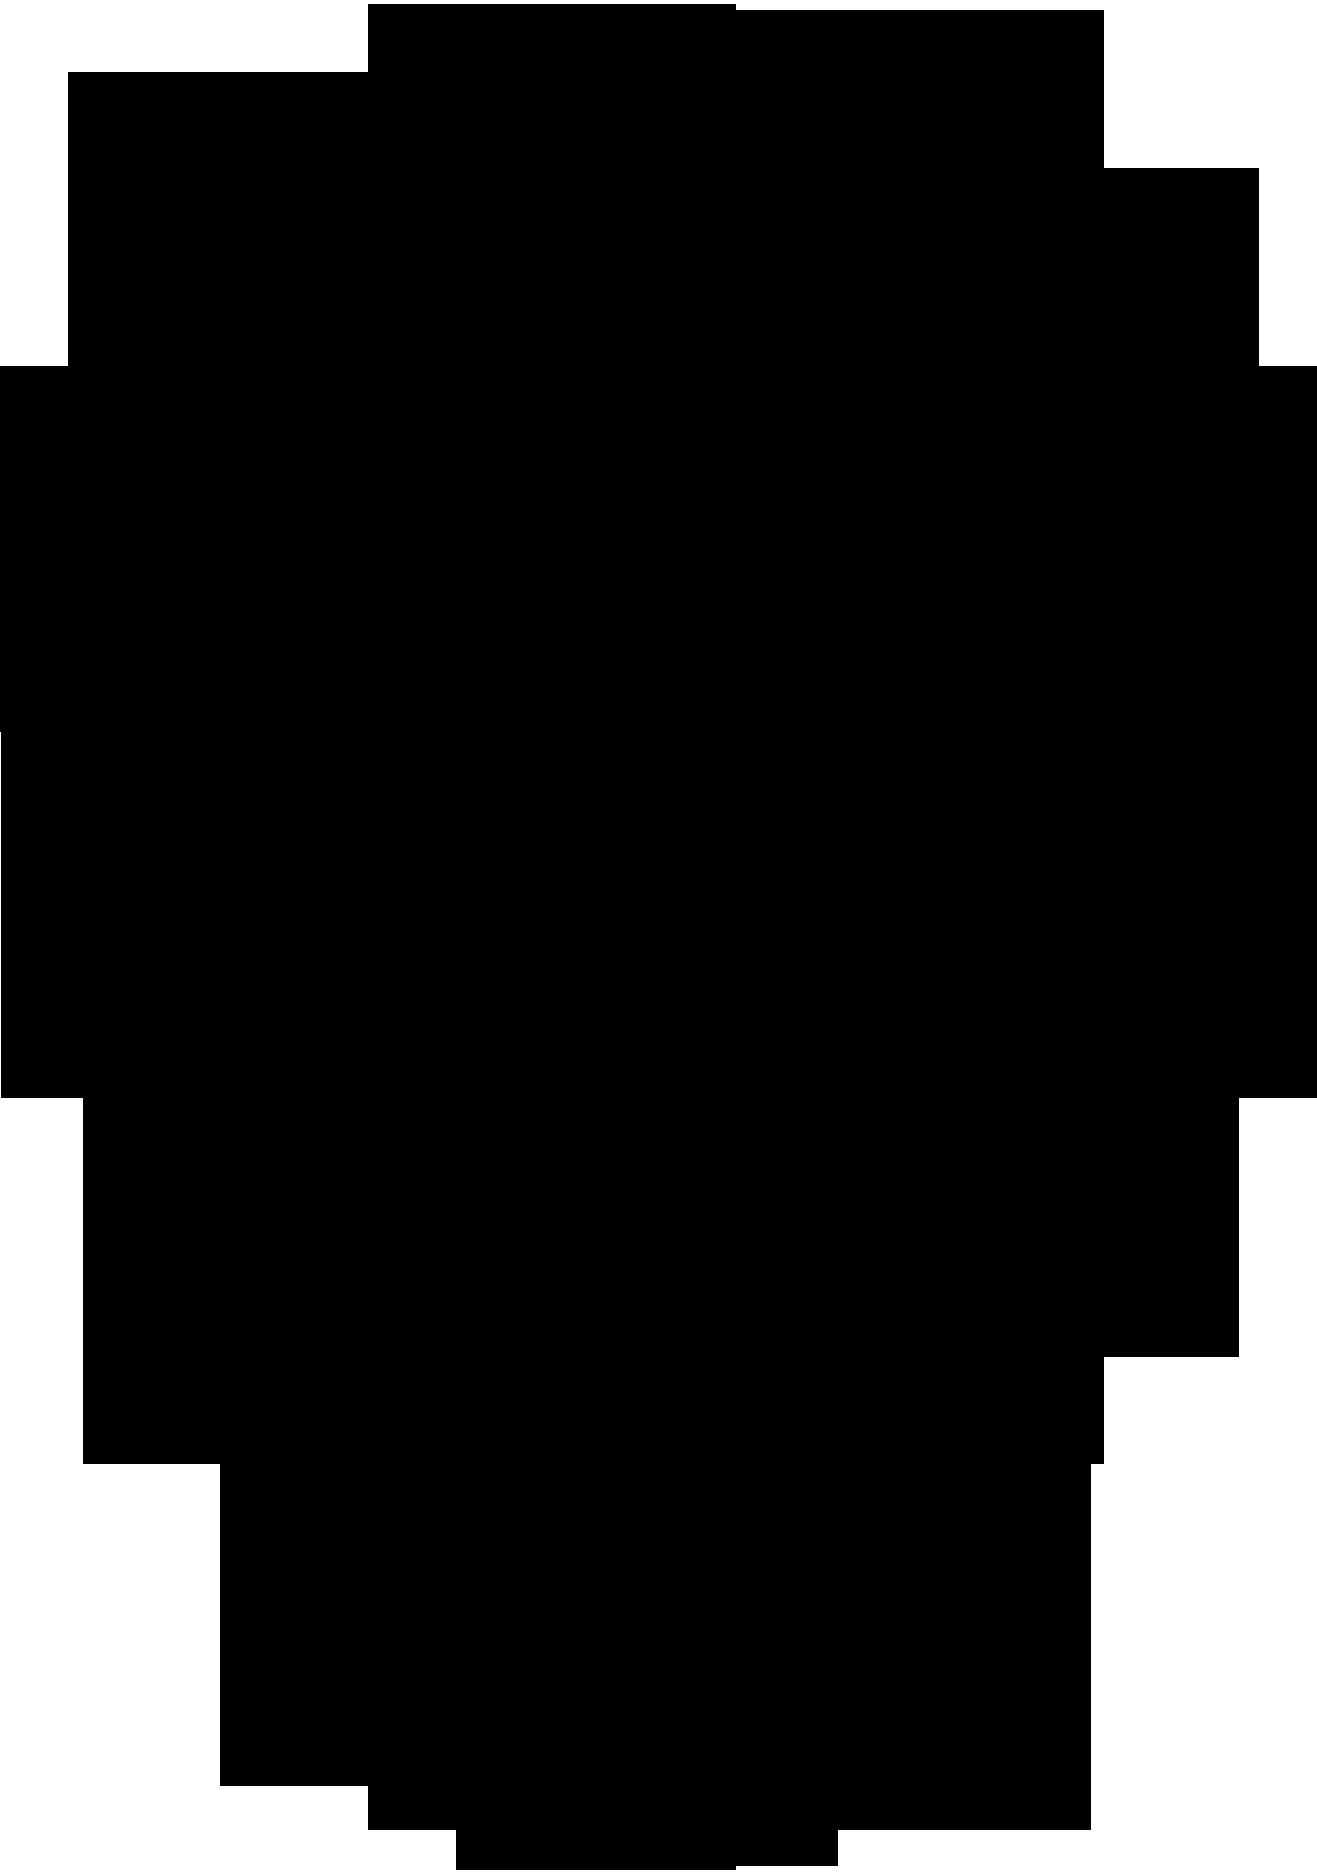 1317 x 1876 png 549kBSkull